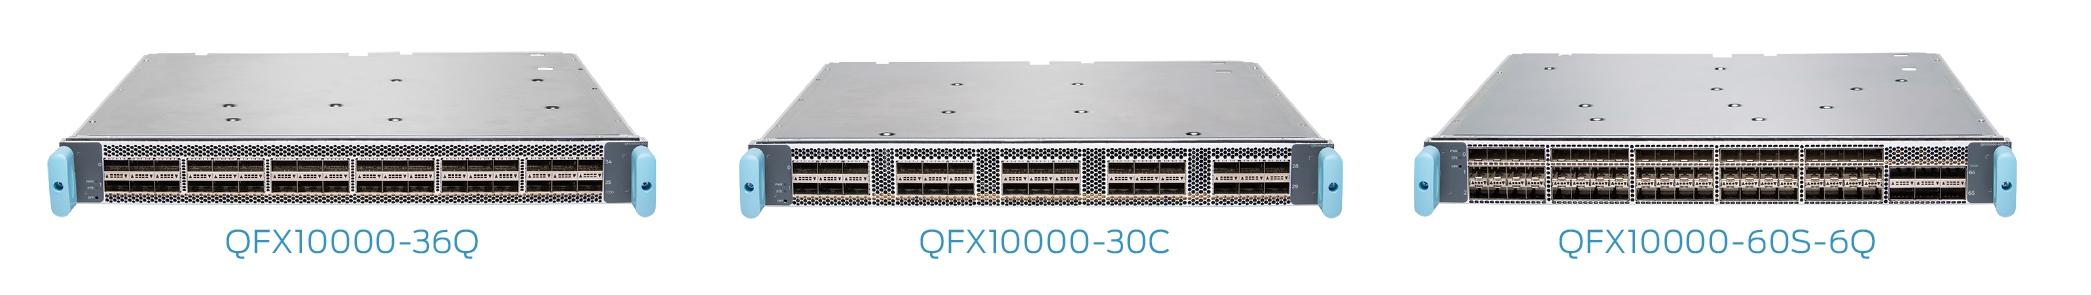 qfx10016